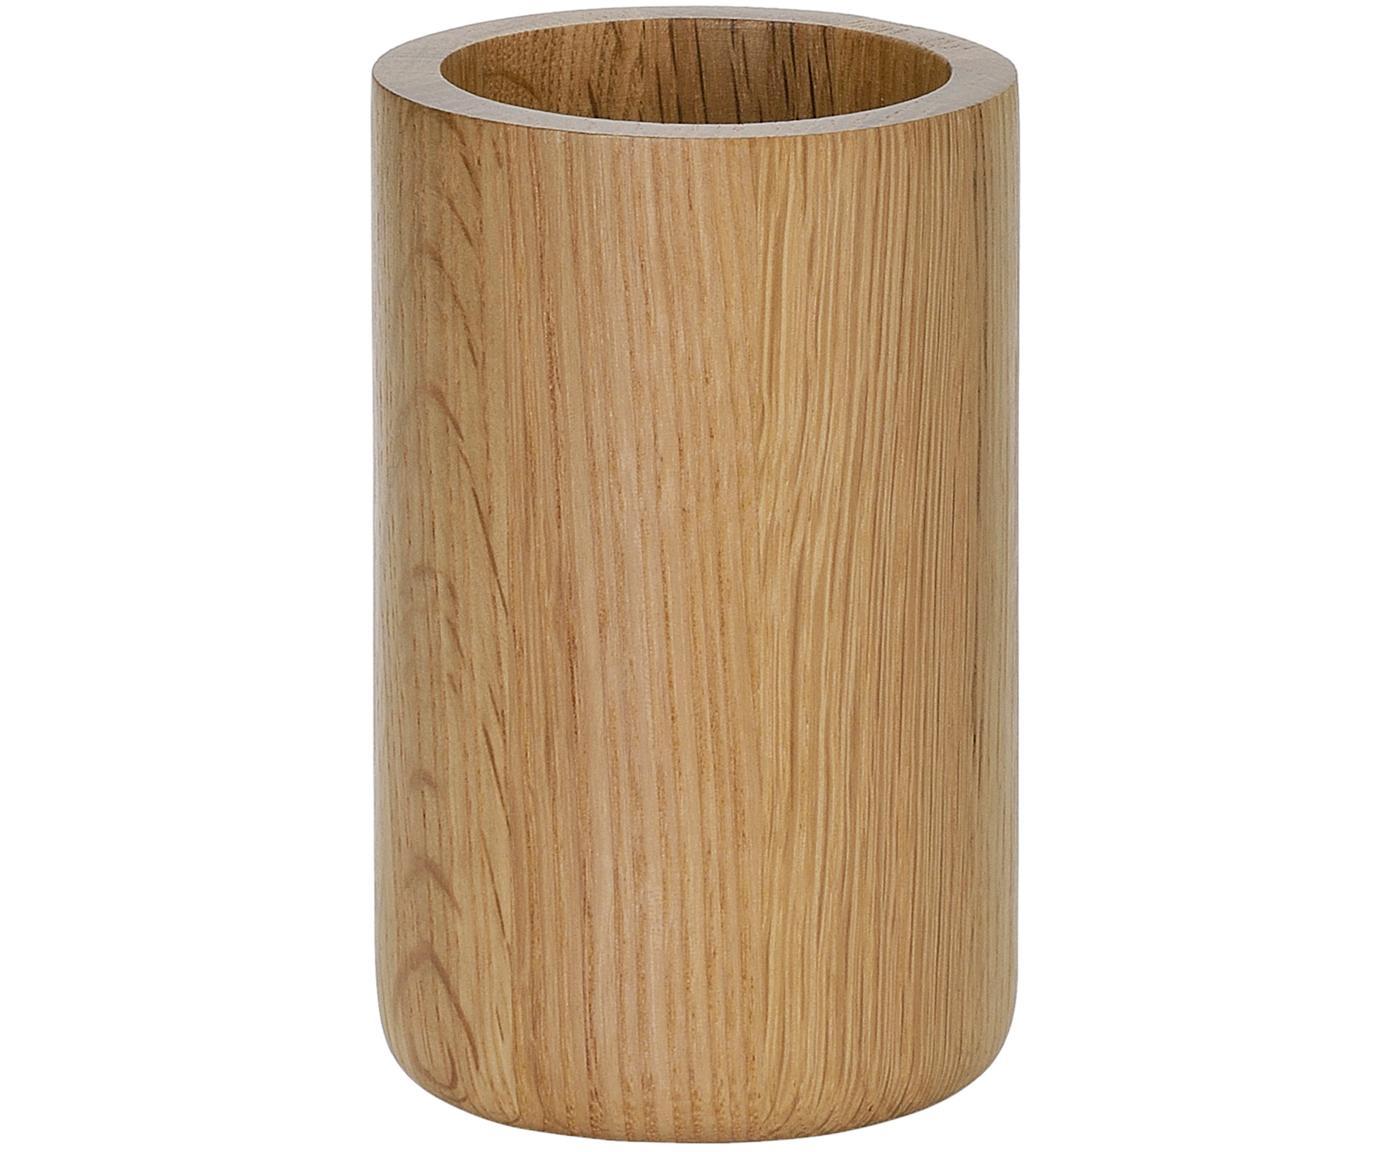 Porta spazzolini in quercia Eir, Legno di quercia, Legno di quercia, Ø 7 x Alt. 11 cm